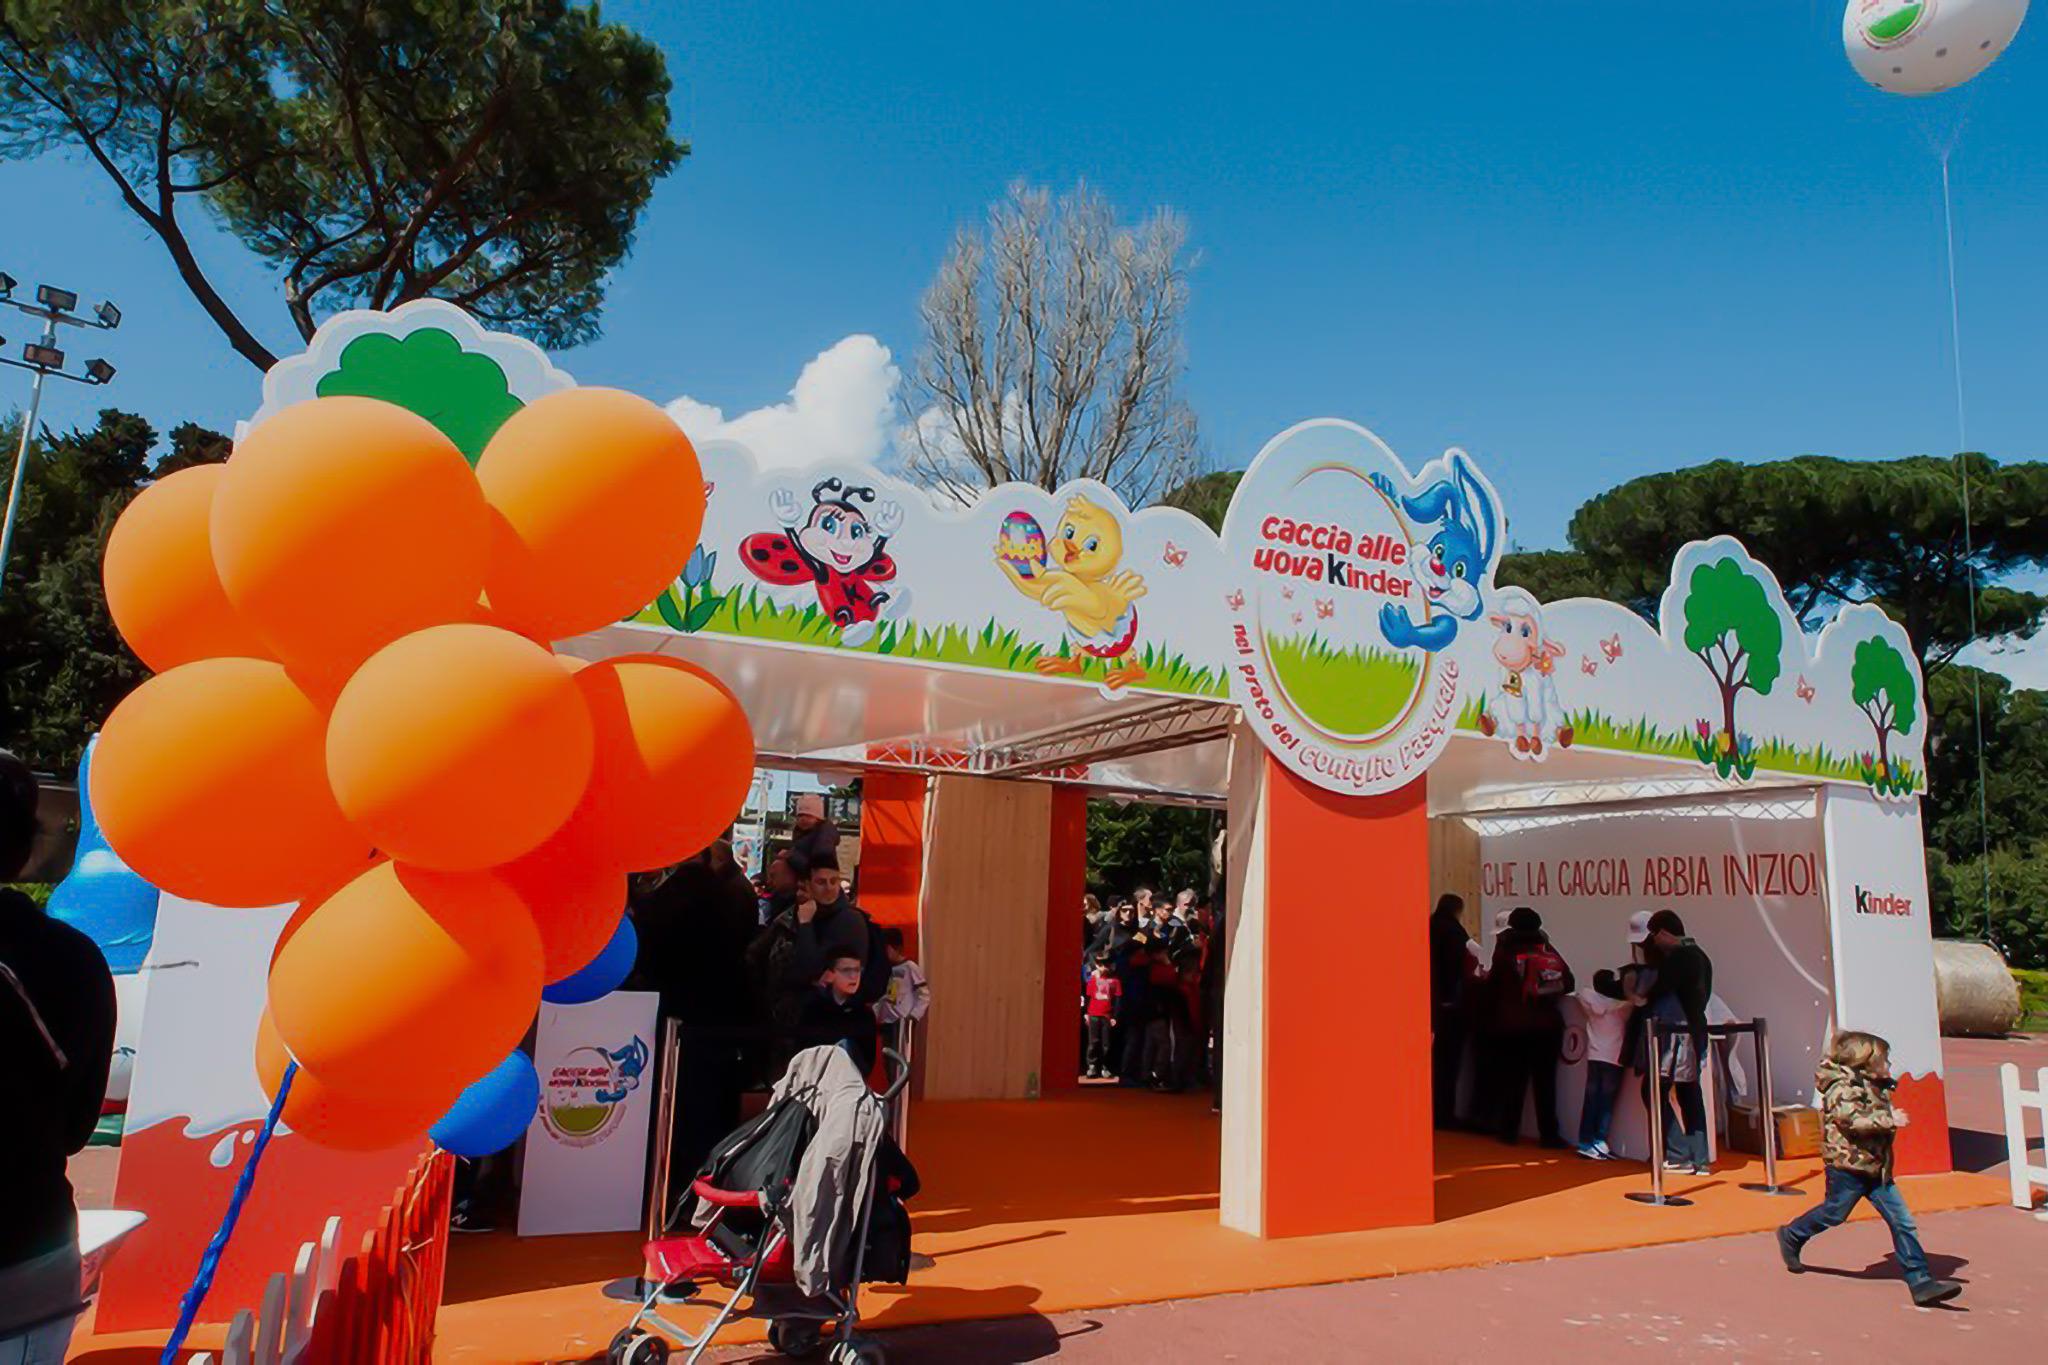 11-eventually-bea-italia-miglior-celebrazione-ricorrenza-2015-3-classificato-ferrero-caccia-alle-uova-kinder